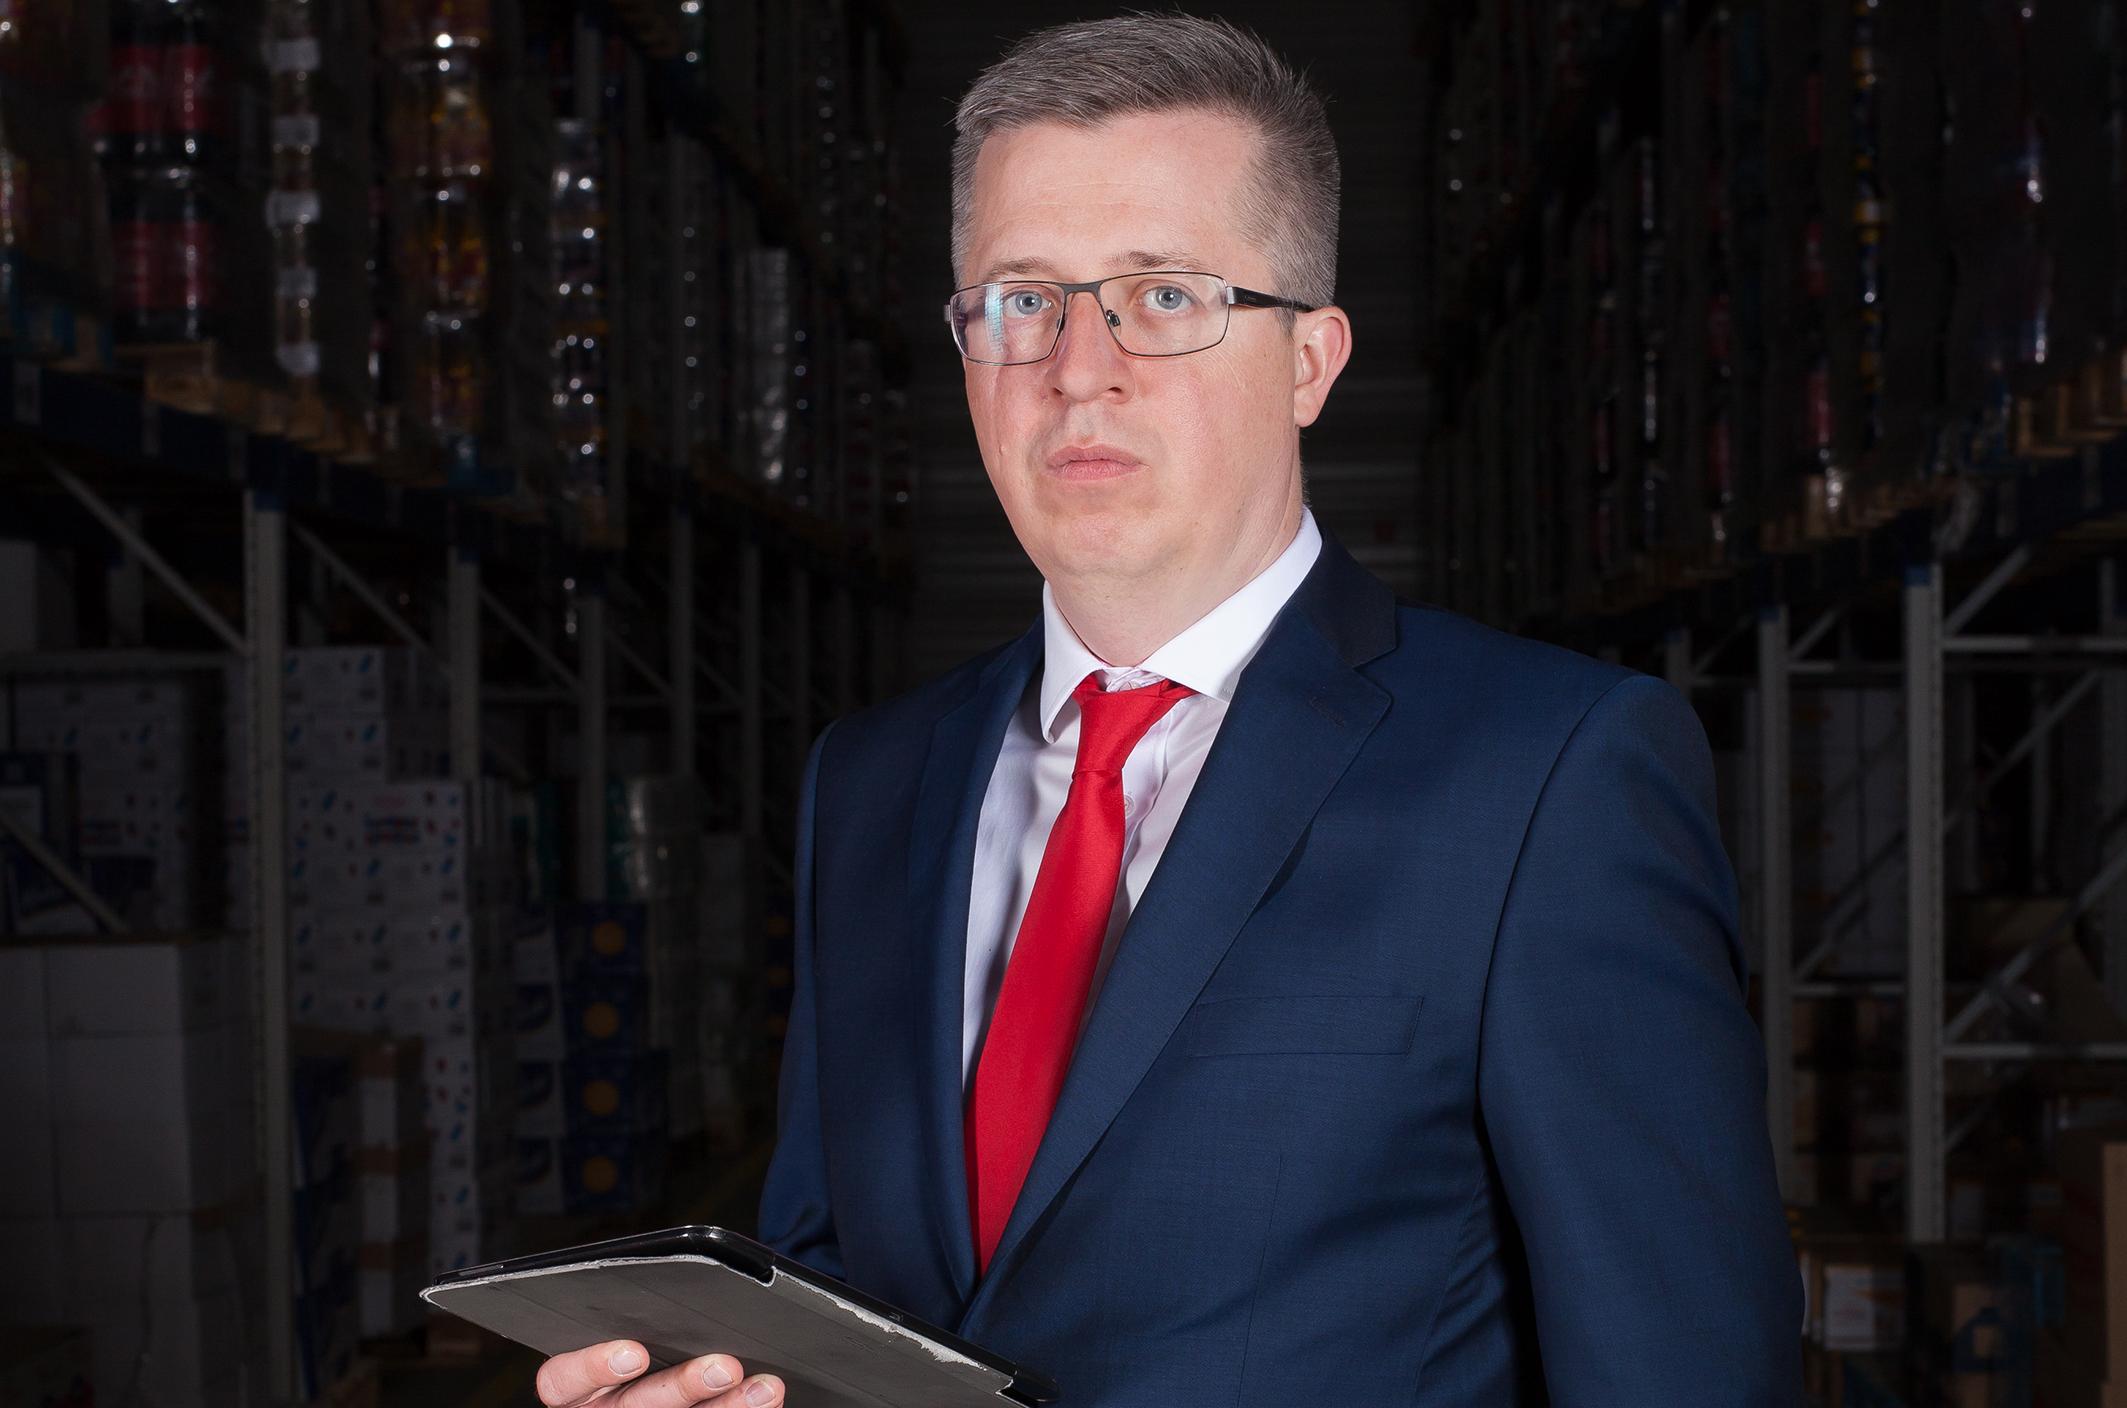 PGS obawia się o przyszłość polskich, małych sklepów w efekcie decyzji KE